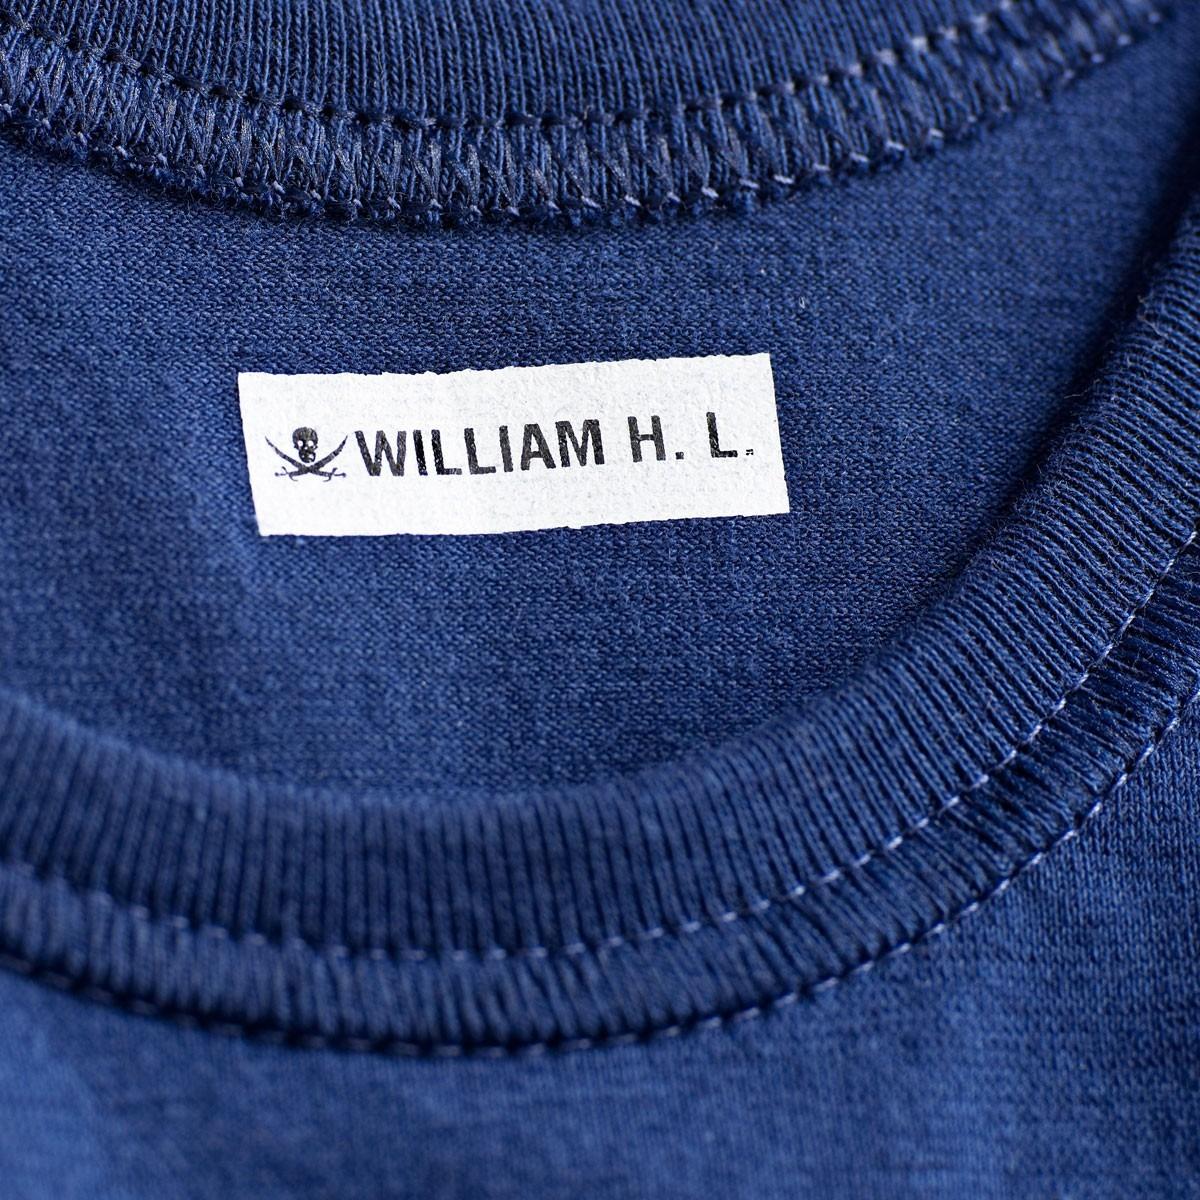 5e3f2f167b8 Design strygeetiketter til børnenes tøj her - Strygeetiketter med barnets  navn, et logo eller jeres